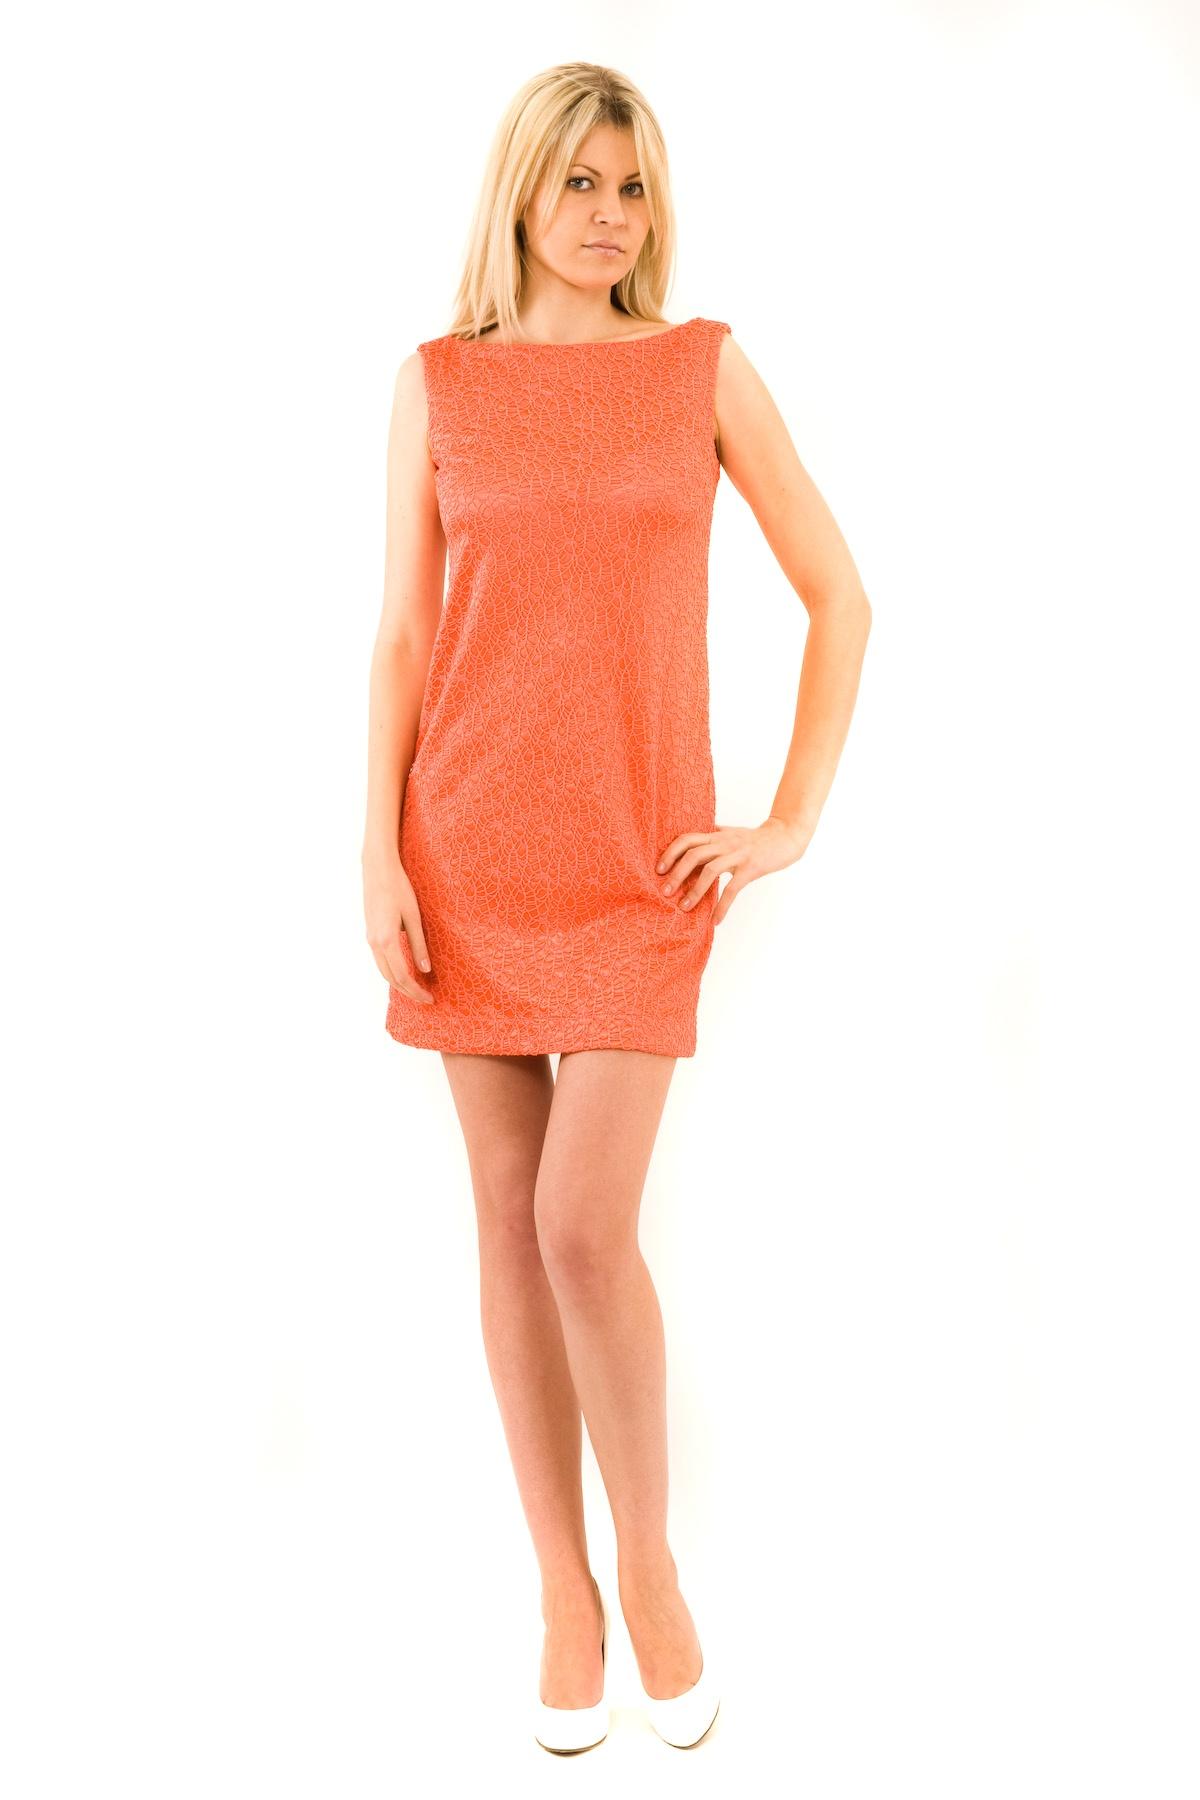 ПлатьеПлатья,  сарафаны<br>Отличное платье из французского трикотажа приталенного кроя. Модель удачно подчеркнет красоту Вашей фигуры, а яркий красивый цвет платья не оставит Вас незамеченной. Изделие прекрасно подойдет как для праздничного вечера, так и для деловой встречи, в случ<br><br>Цвет: коралловый<br>Состав: 100 % полиэстер<br>Страна дизайна: Россия<br>Страна производства: Россия